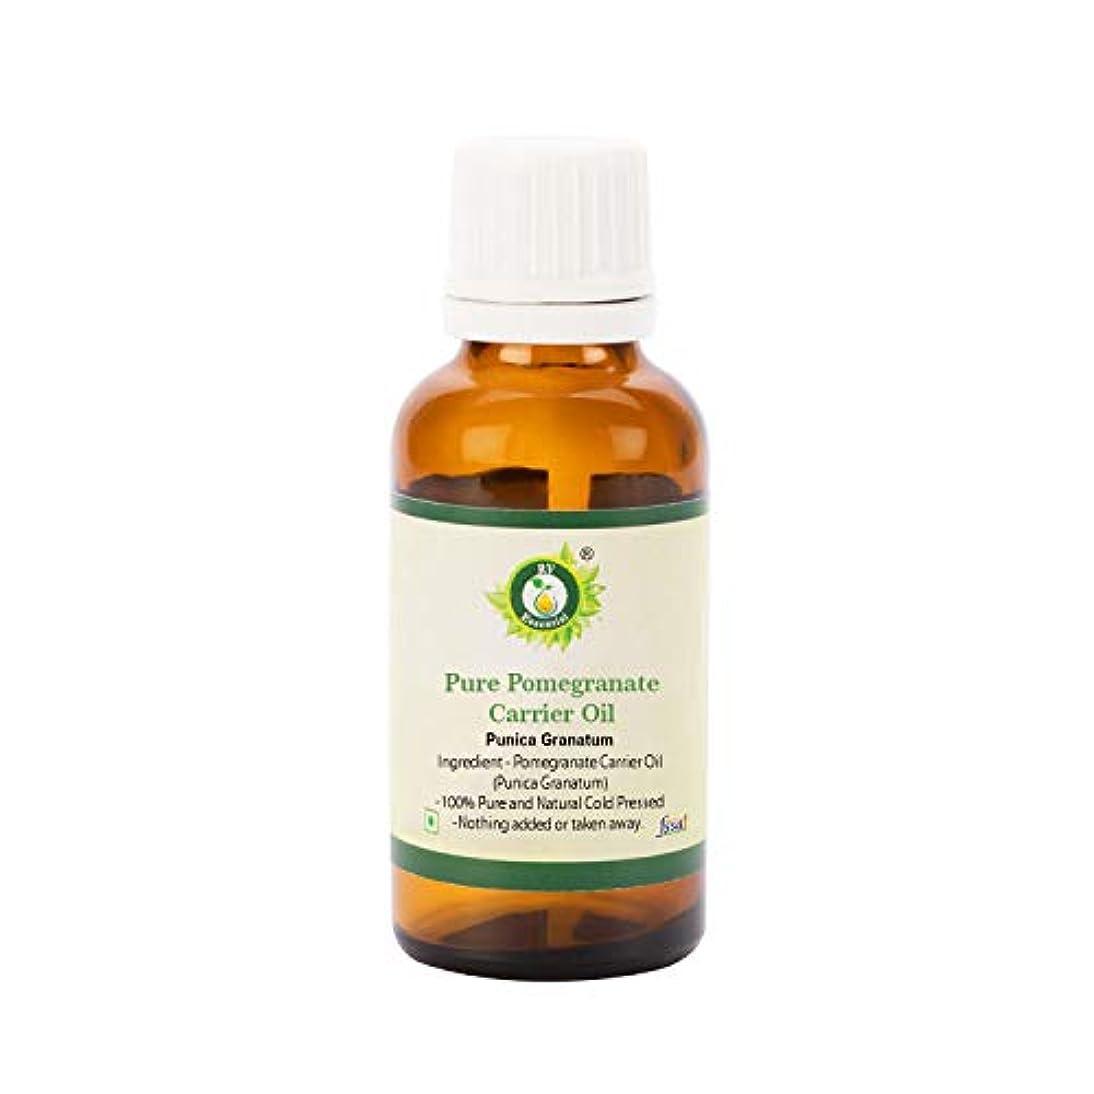 できる抑止する落花生R V Essential 純粋なザクロのキャリアオイル30ml (1.01oz)- Punica Granatum (100%ピュア&ナチュラルコールドPressed) Pure Pomegranate Carrier Oil